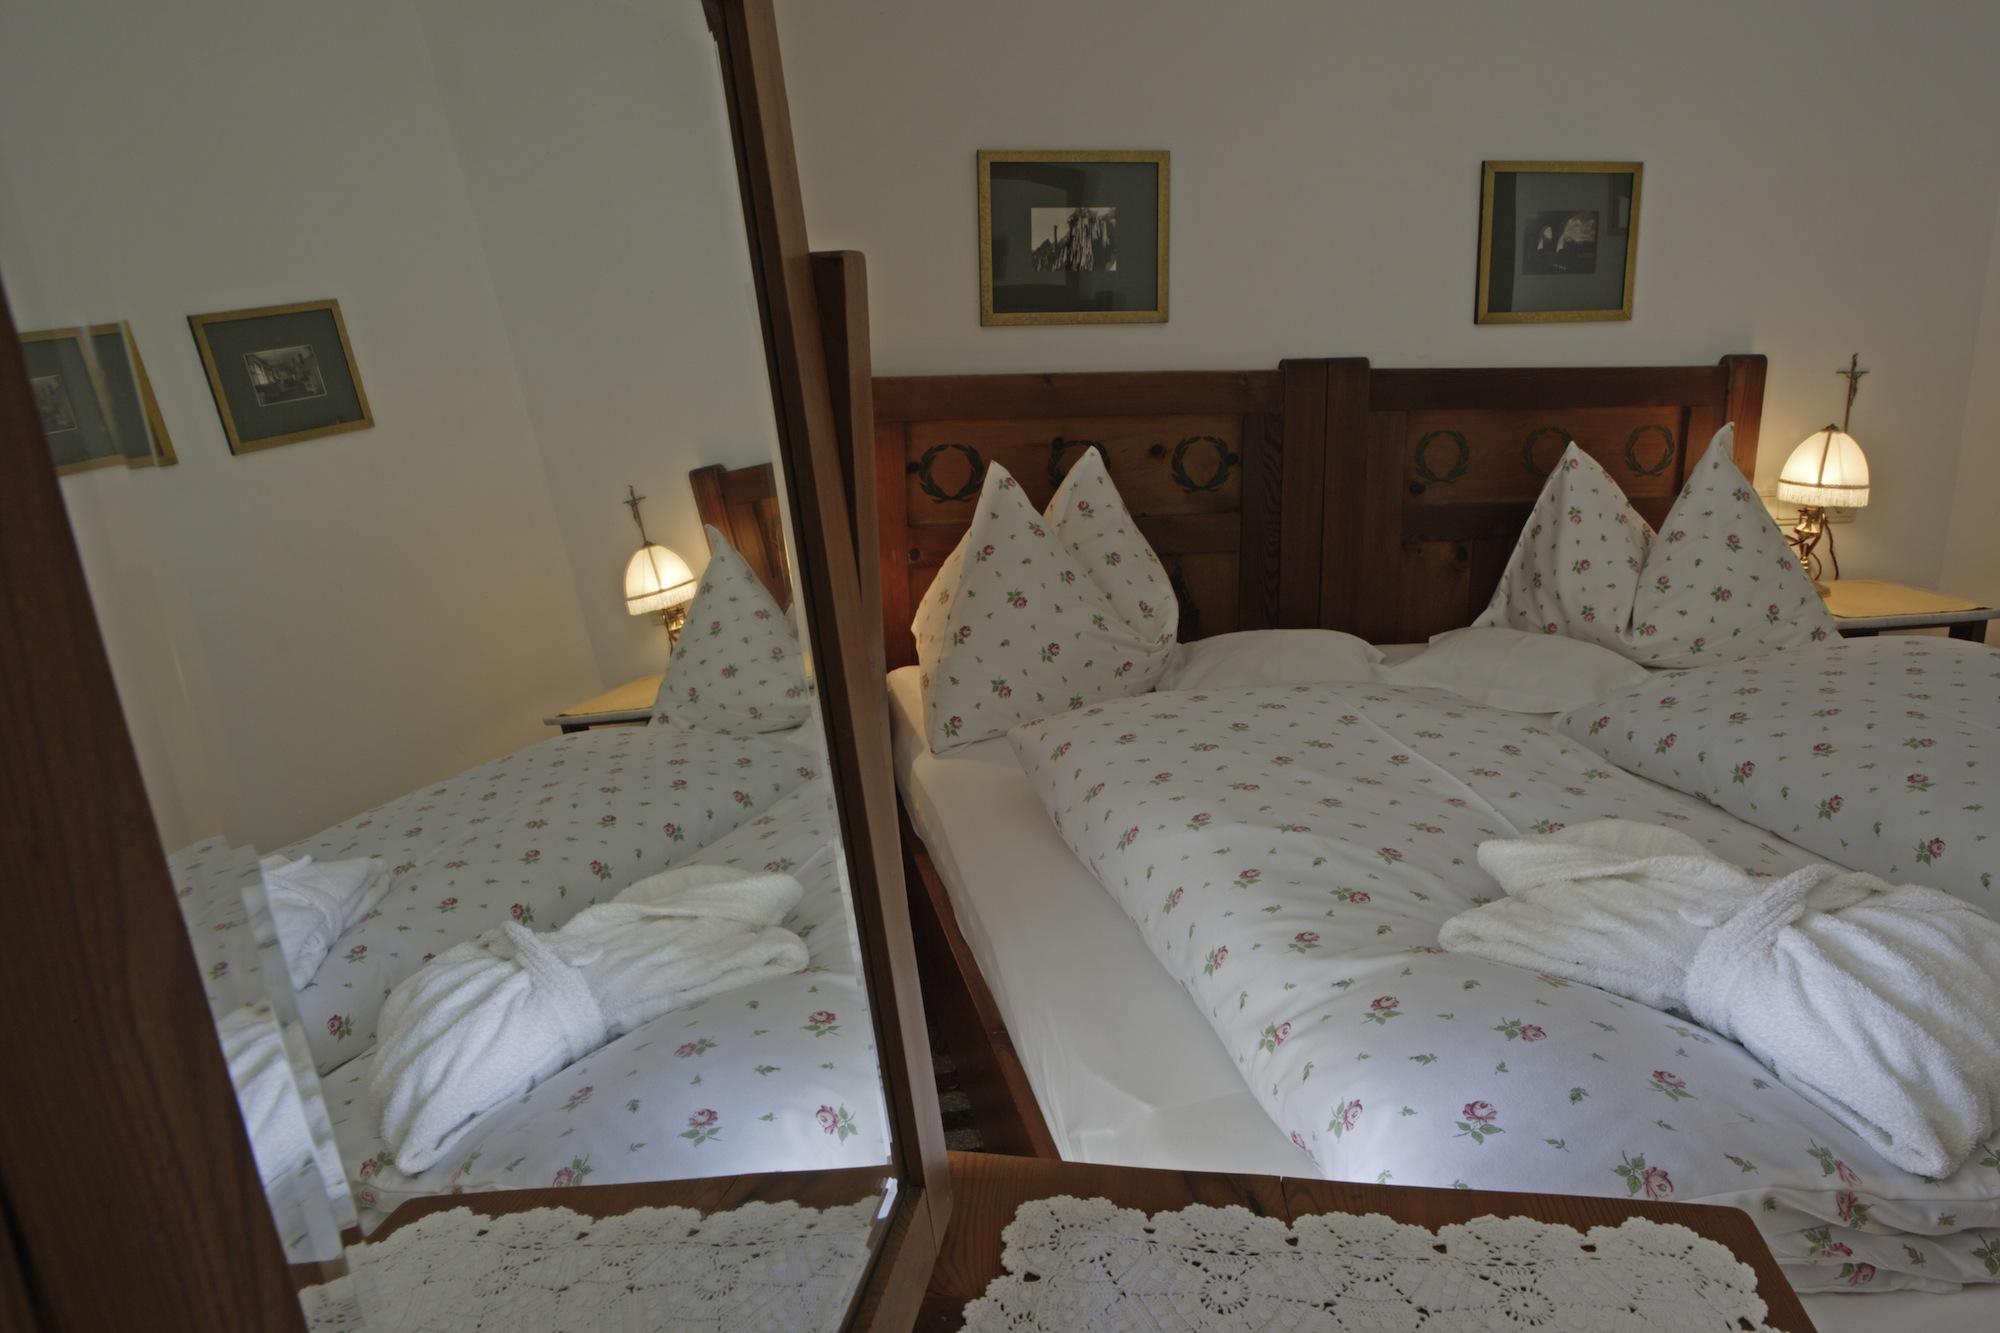 bozener brise parkhotel holzner bru 39 s alles f r m nner. Black Bedroom Furniture Sets. Home Design Ideas